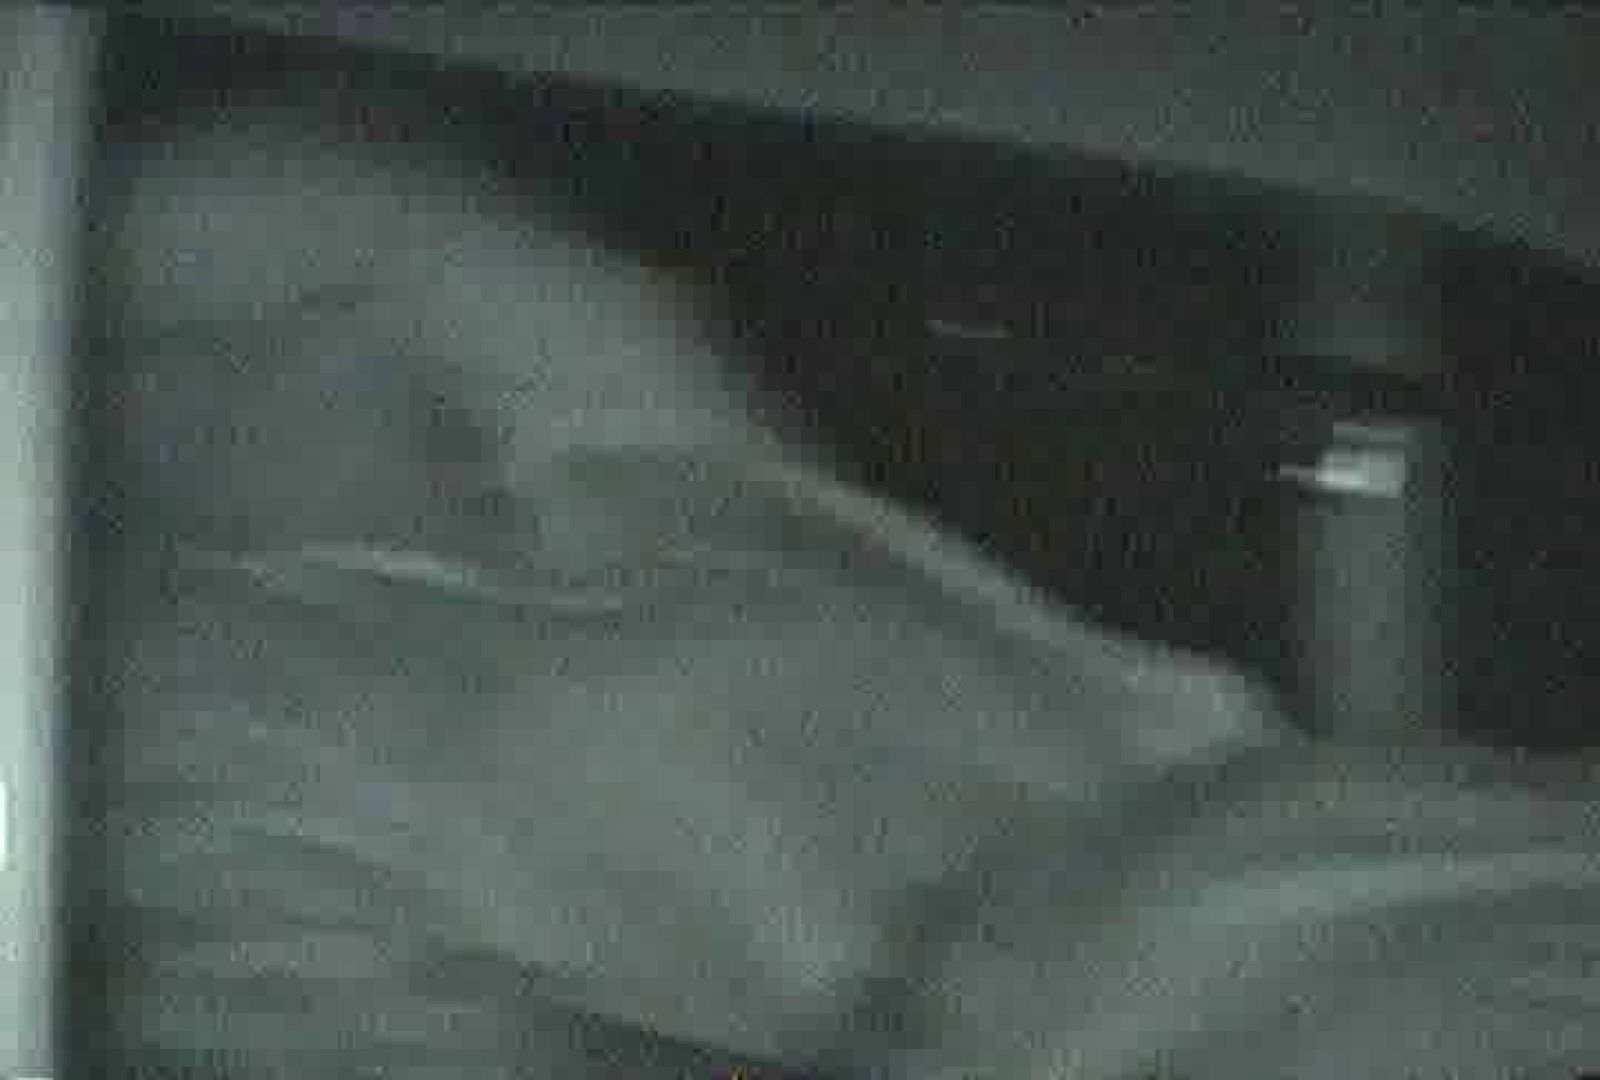 充血監督の深夜の運動会Vol.100 OLセックス | おまんこ無修正  67画像 37